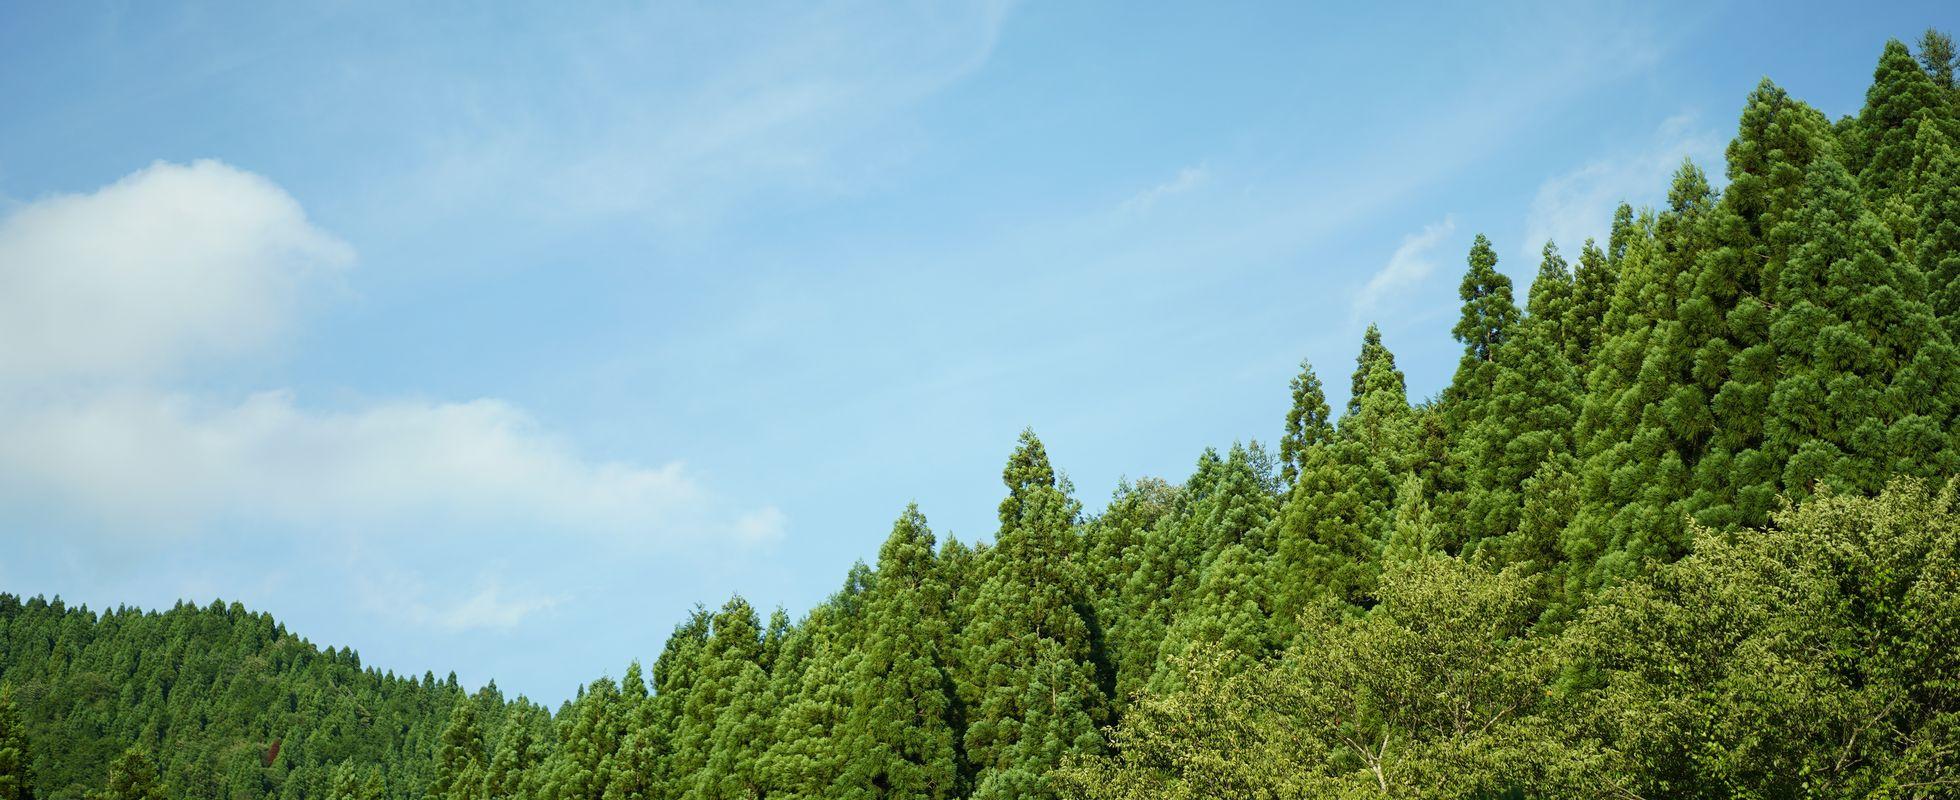 2.霊山として大悲山